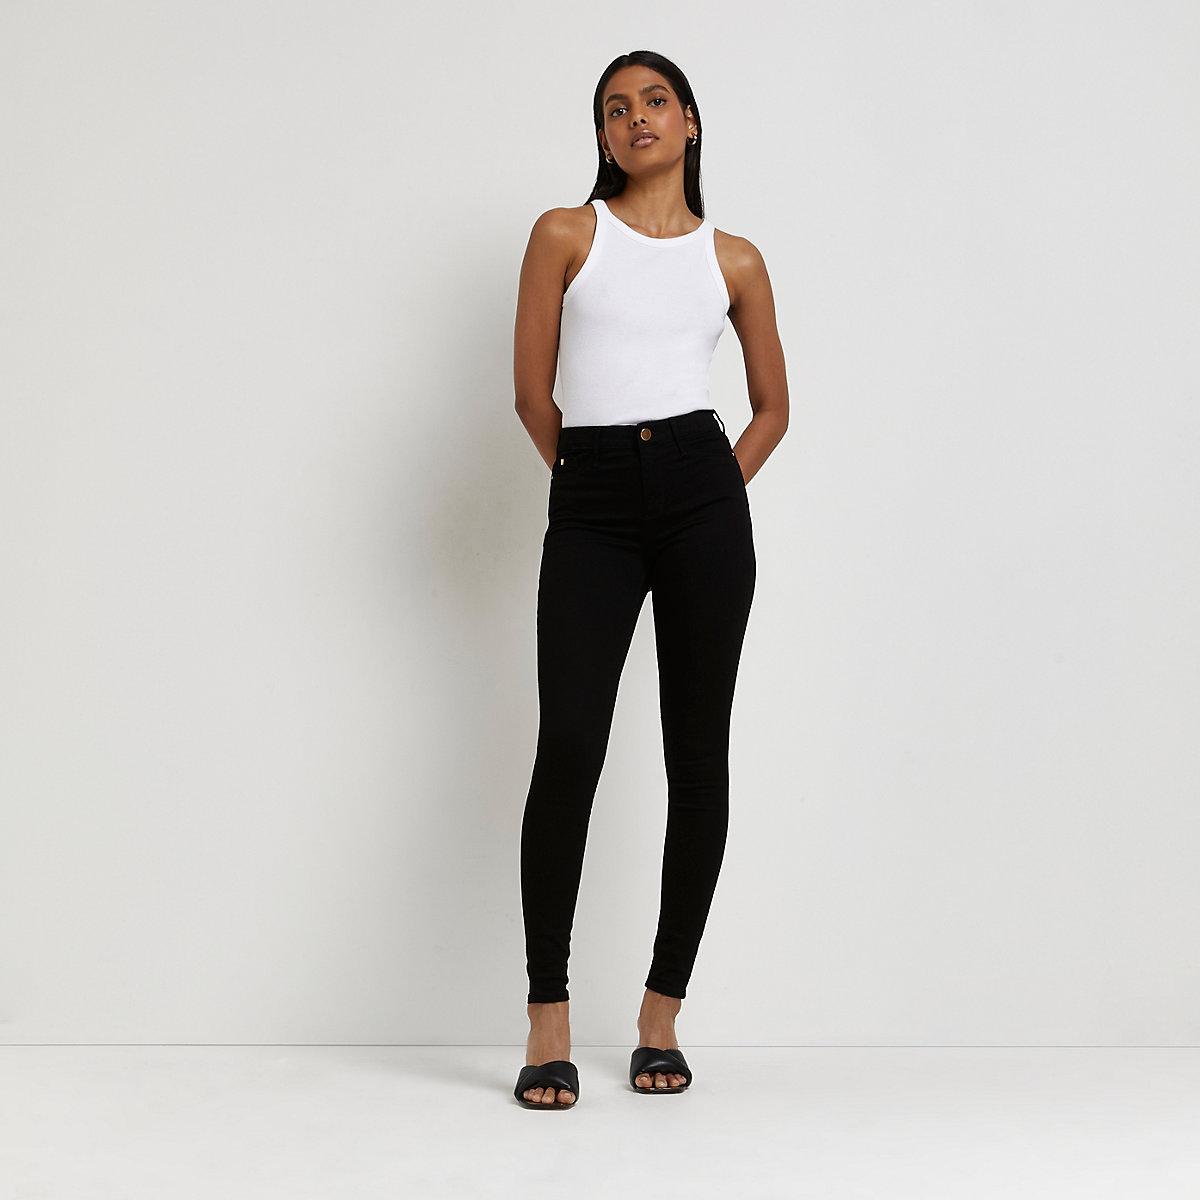 Molly – Schwarze formende Jeans Molly – Schwarze formende Jeans ... 5eaeffc5ab